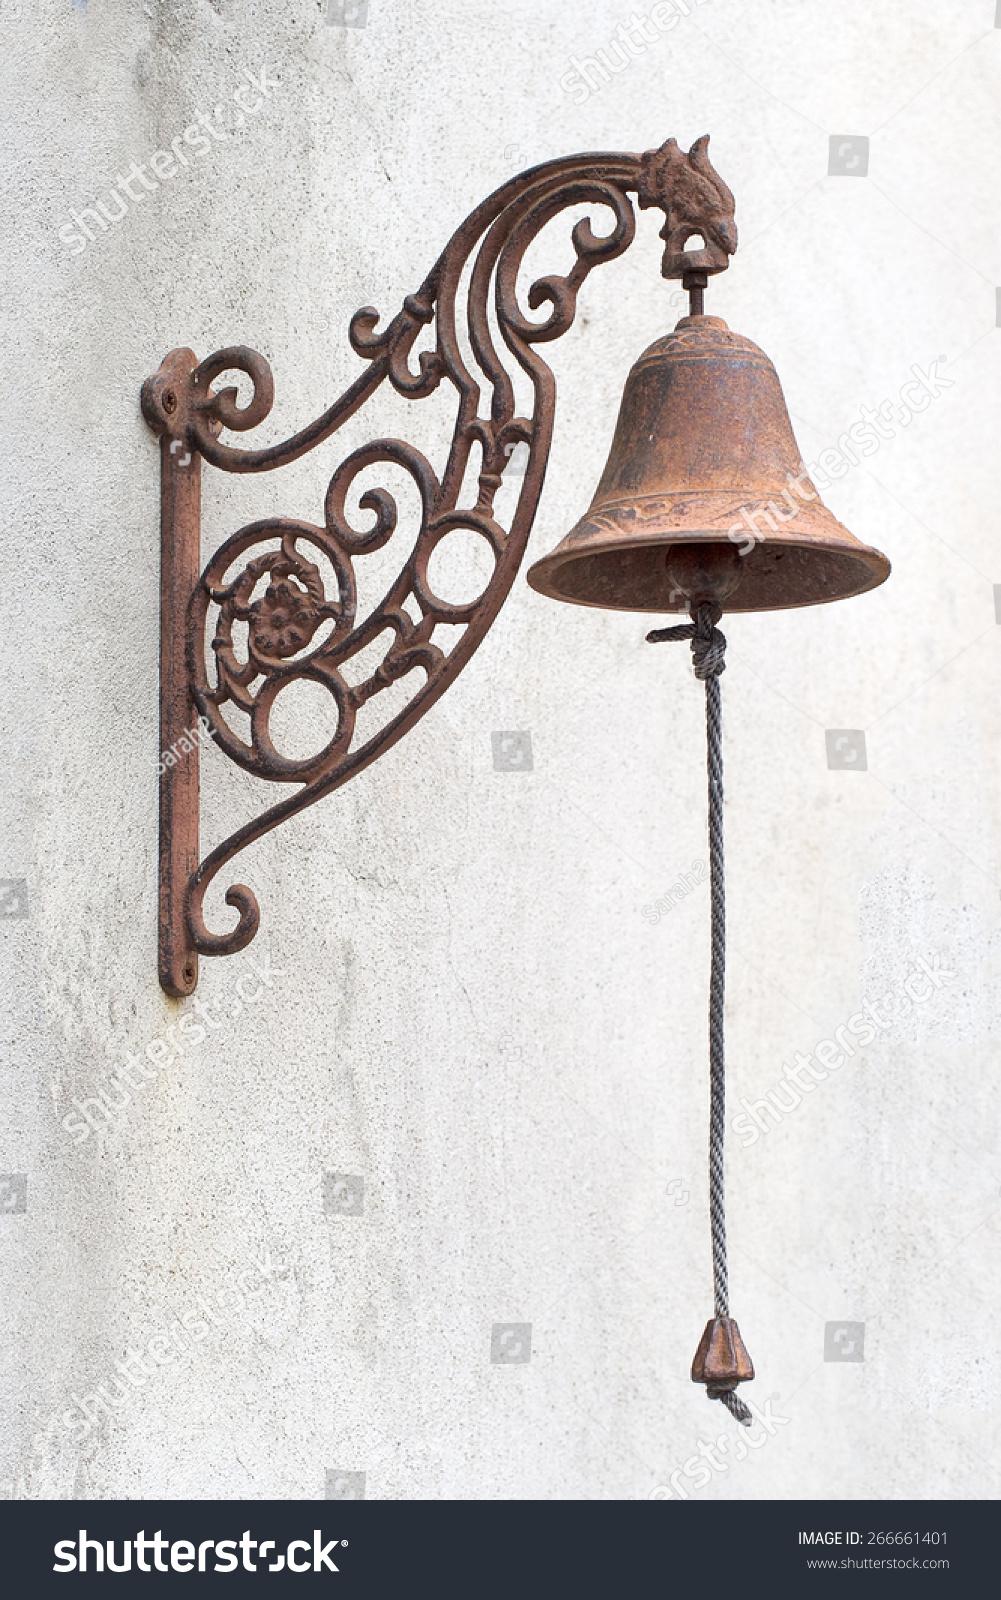 Antique Door Bell With Chain.